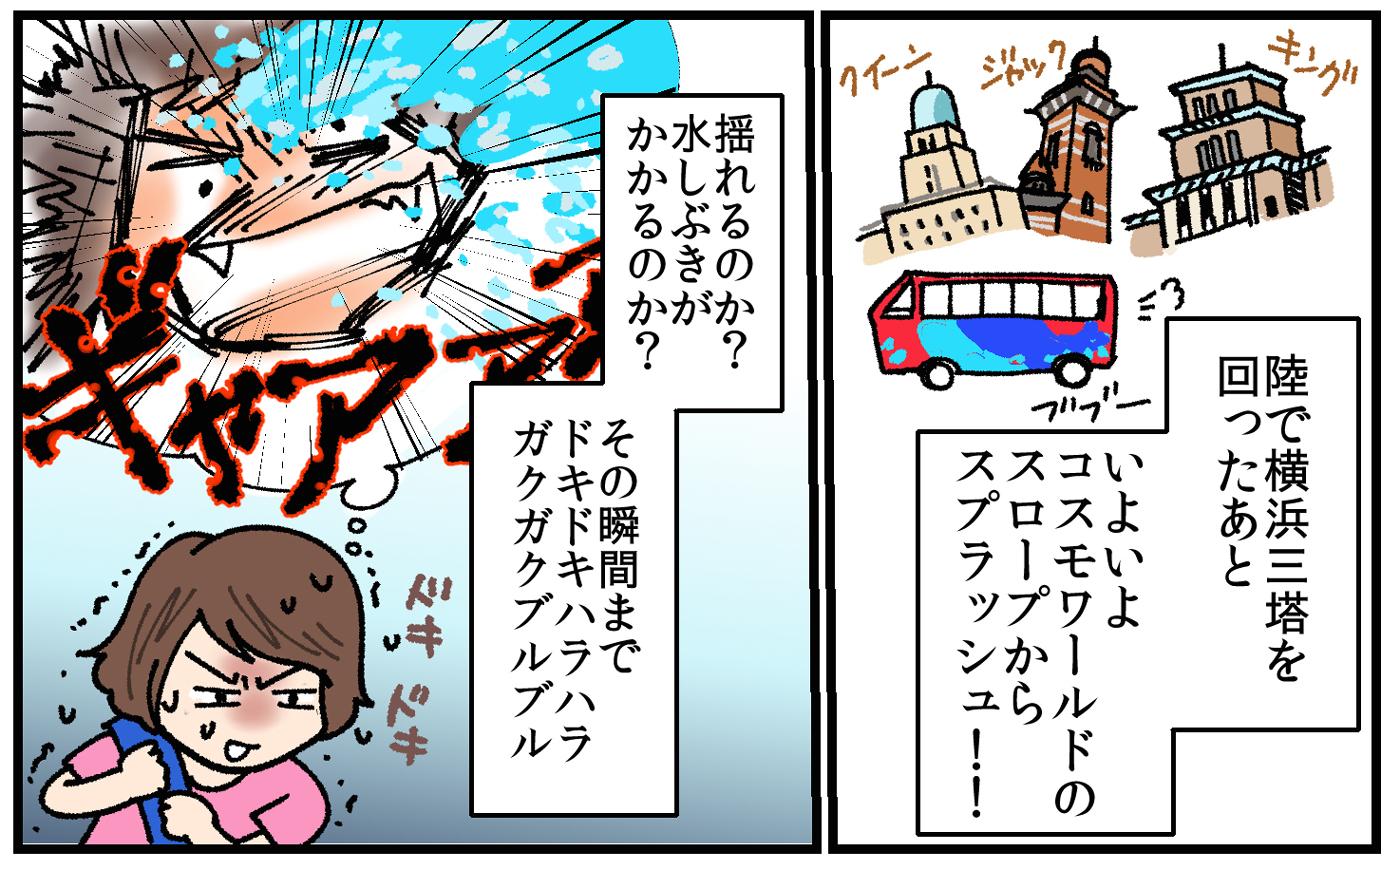 07_バス01